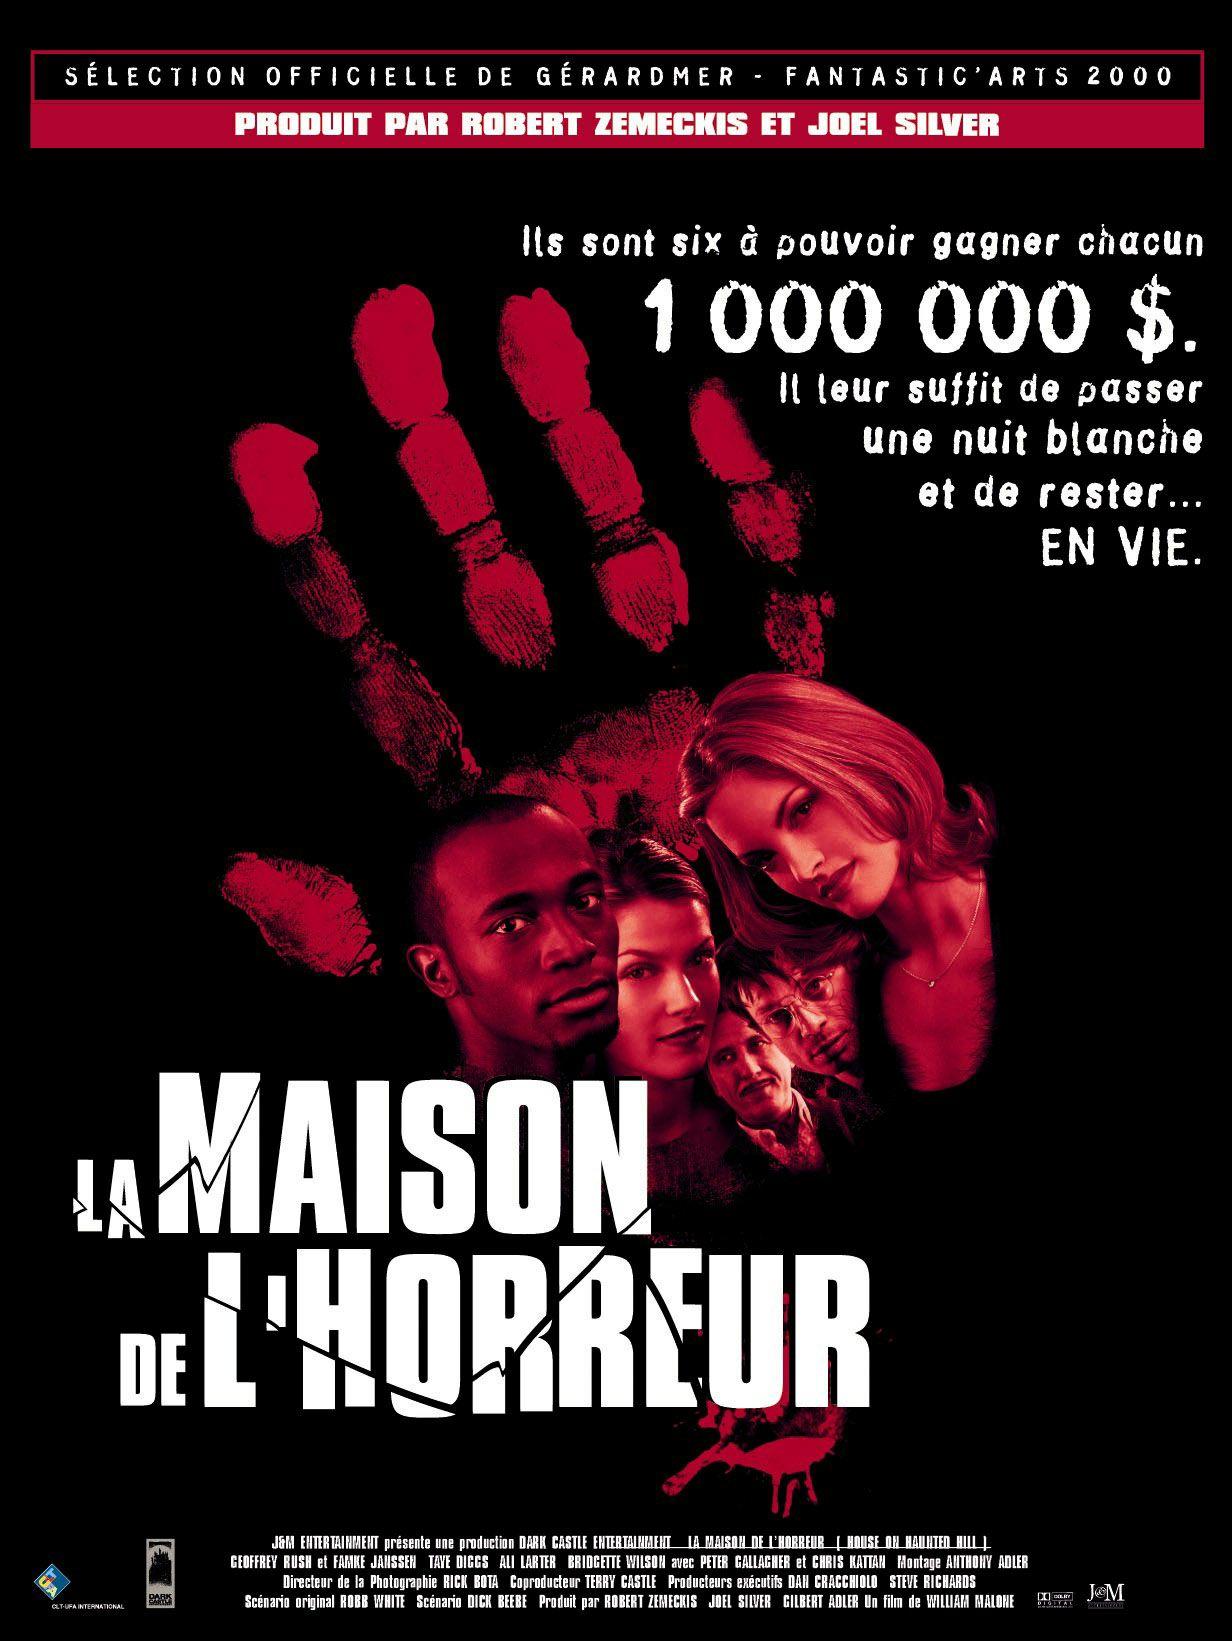 La Maison de l'horreur  [DVDRIP | FRENCH] [FS] [US]